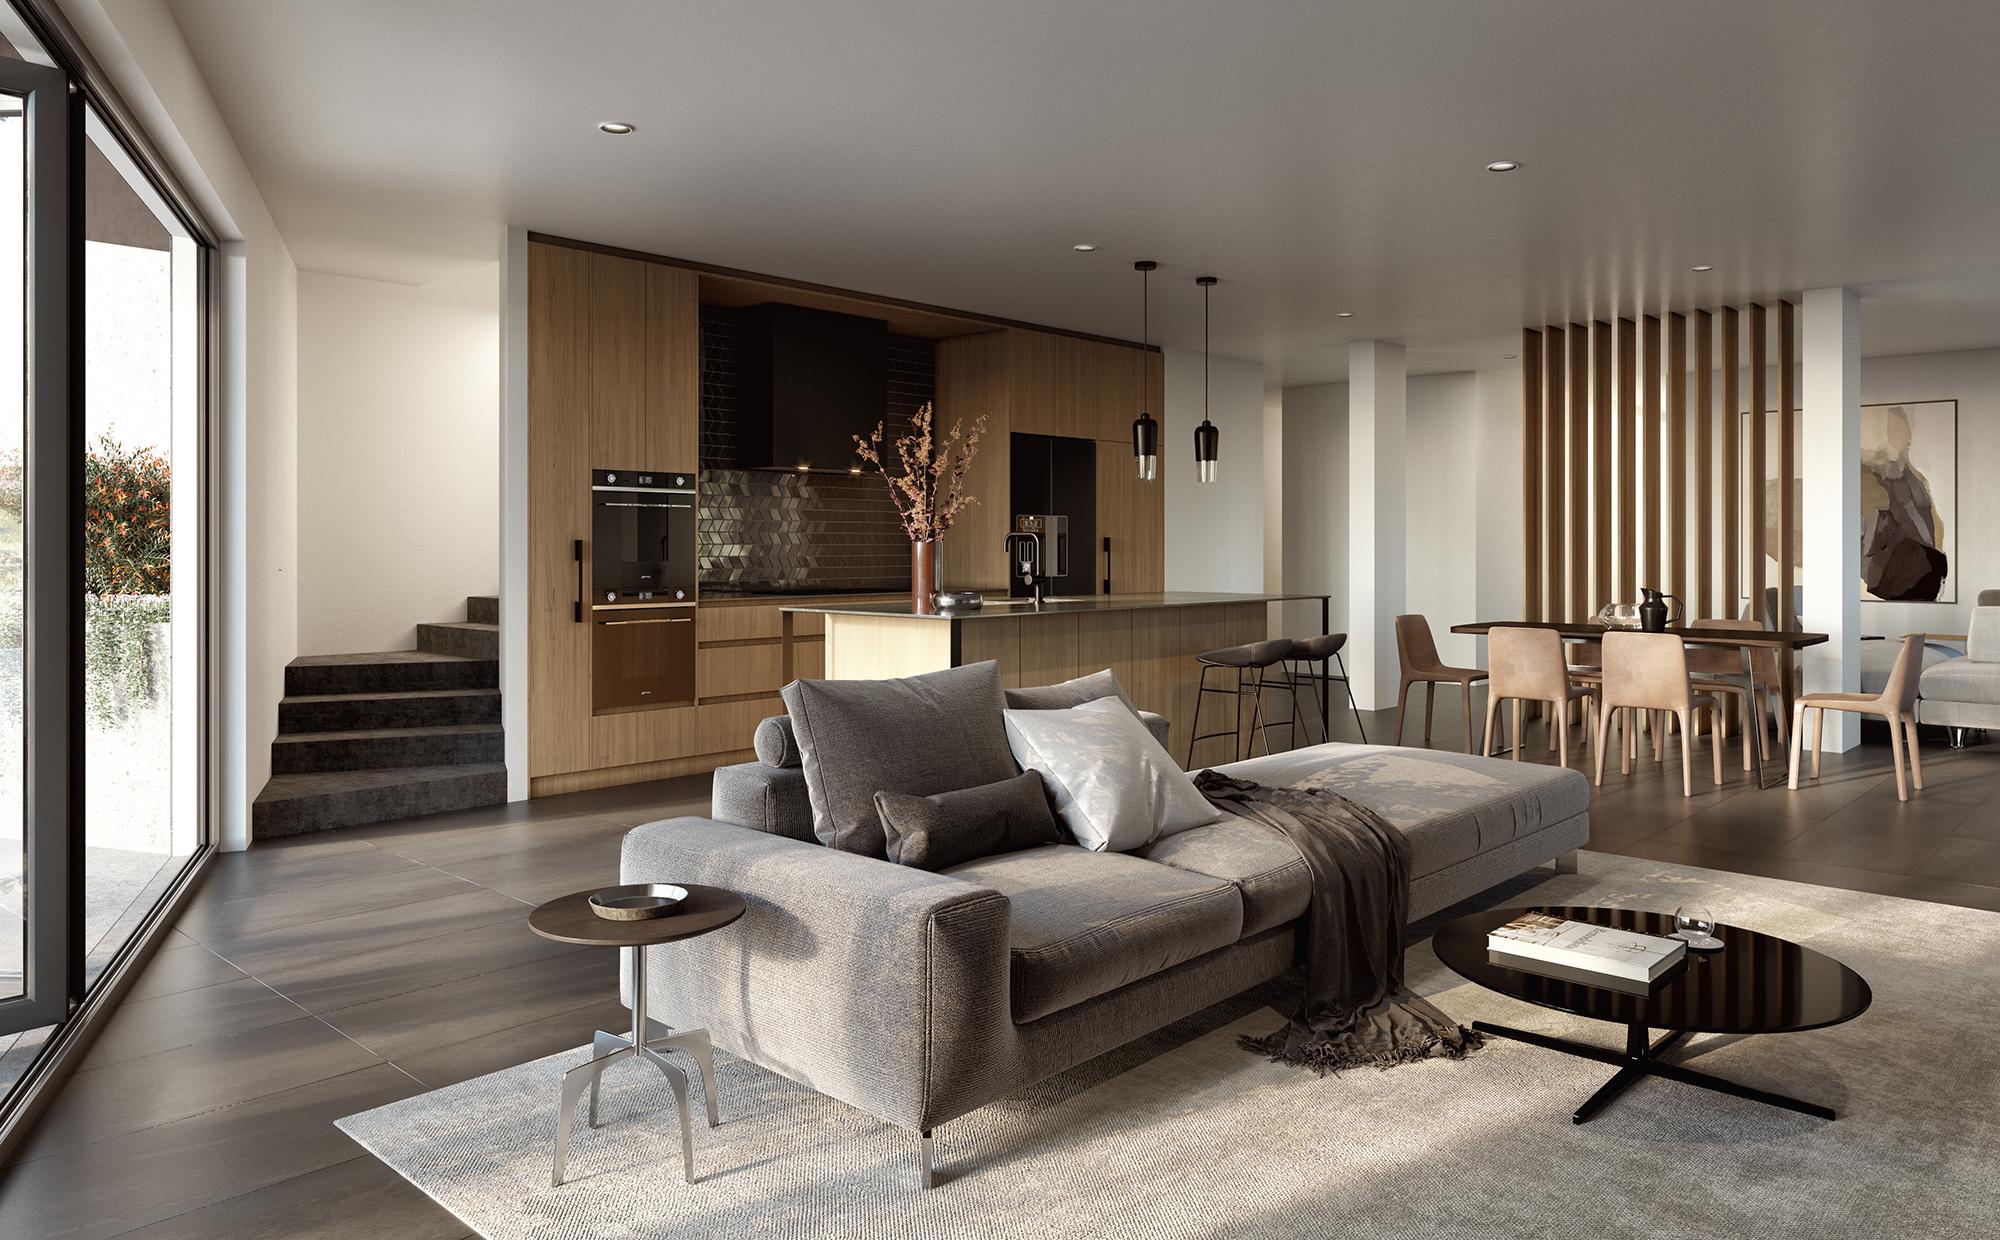 2DarambalSt_Interior01_Kitchen_Living_AltScheme2.JPG